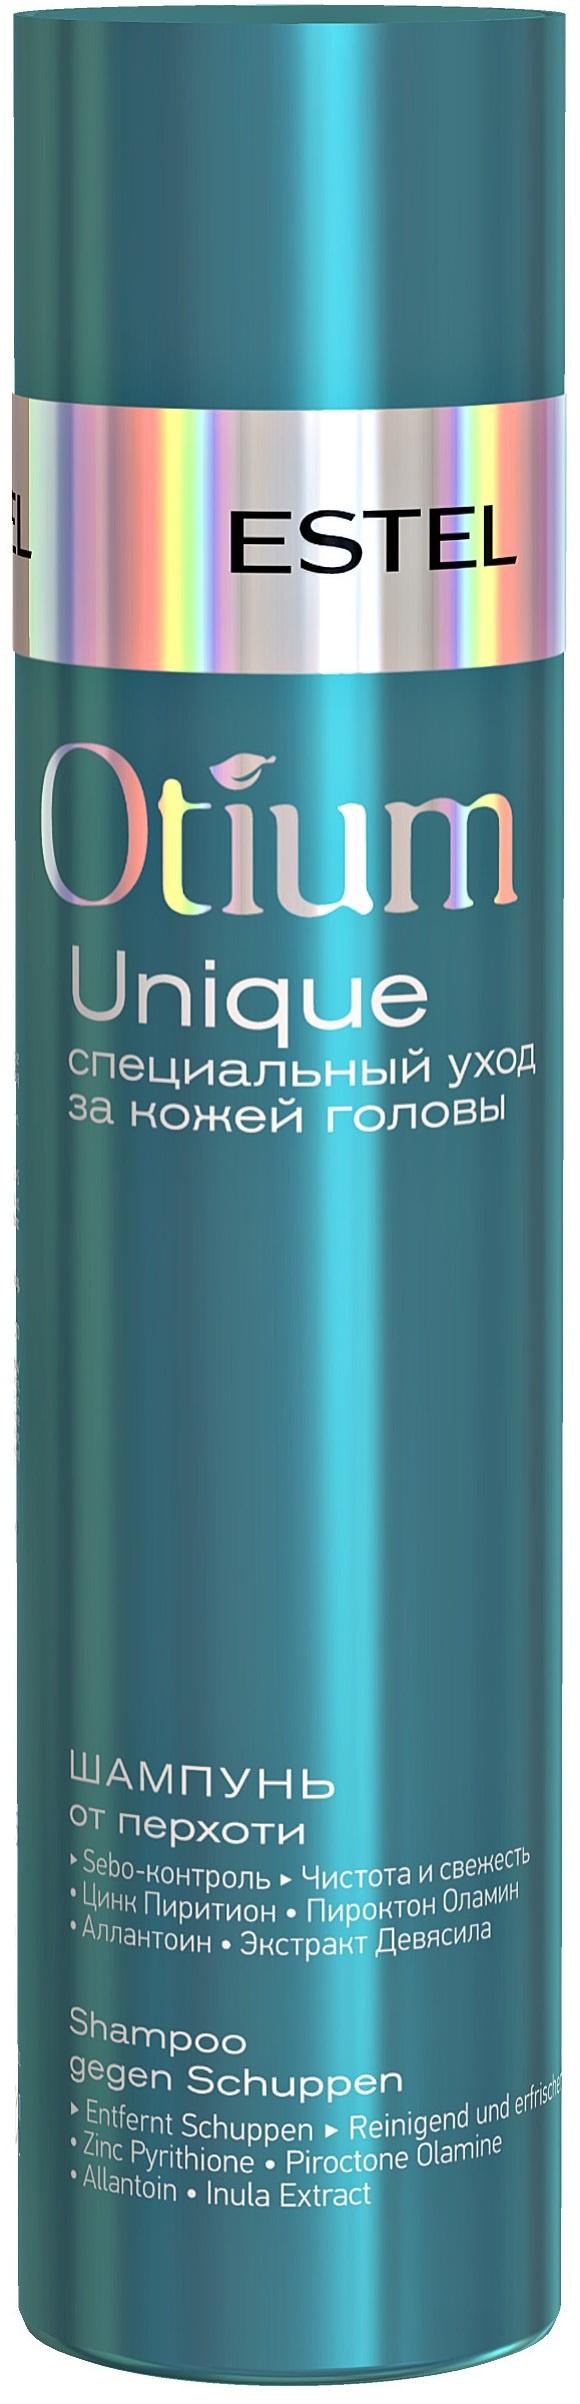 Шампунь для волос ESTEL PROFESSIONAL OTIUM UNIQUE против перхоти 250 мл хималая хербалс шампунь от перхоти для нормальных волос мягкое очищение 200мл